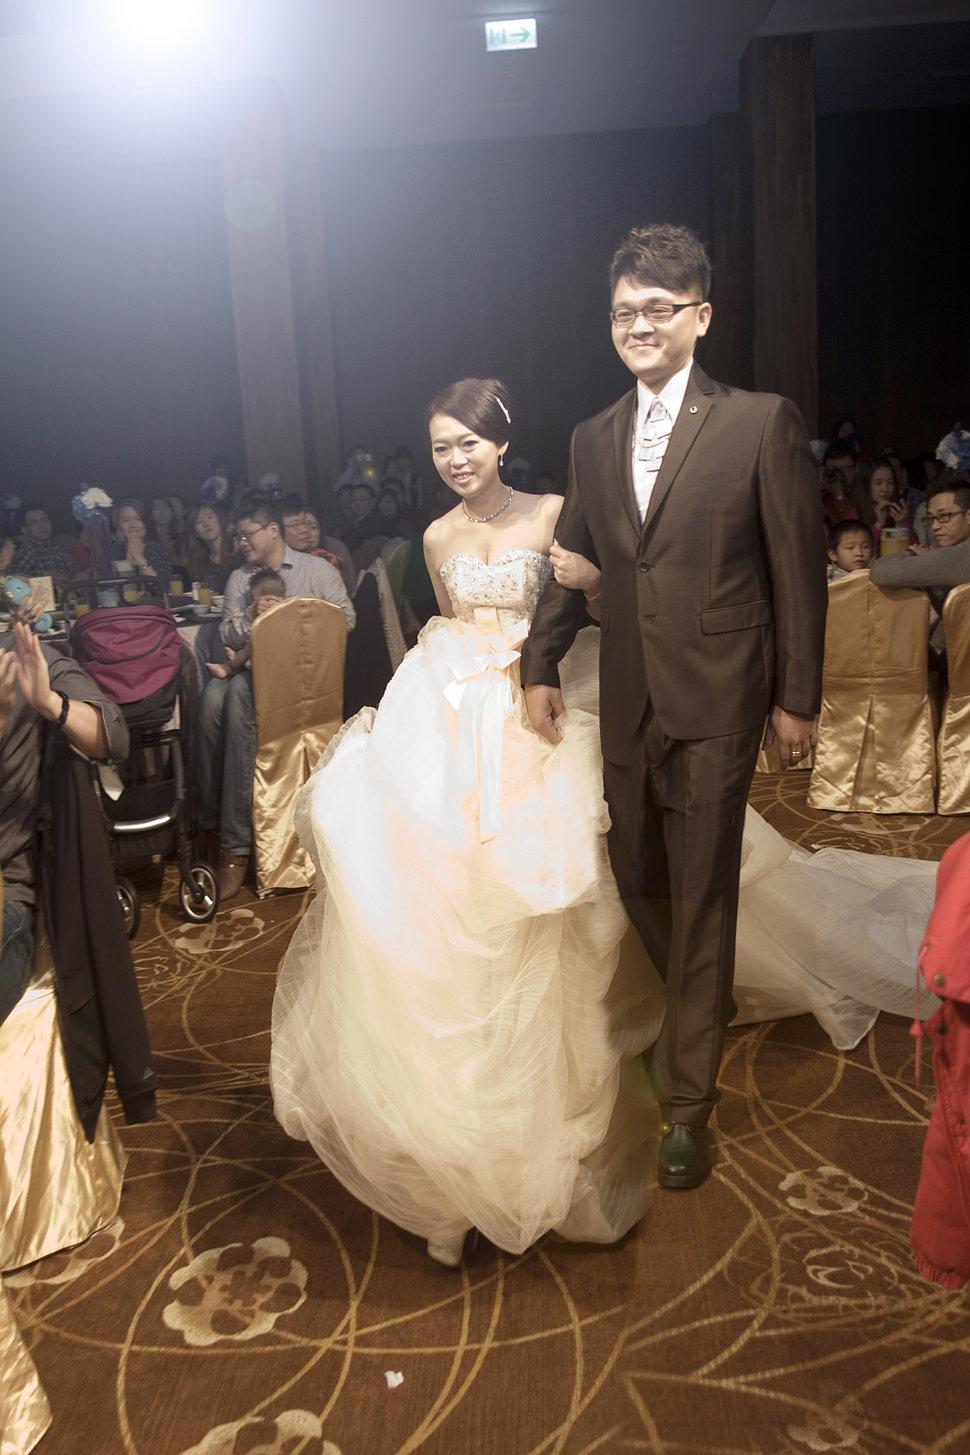 蓓麗宛婚禮時尚(編號:499437) - 蓓麗宛婚禮時尚《結婚吧》